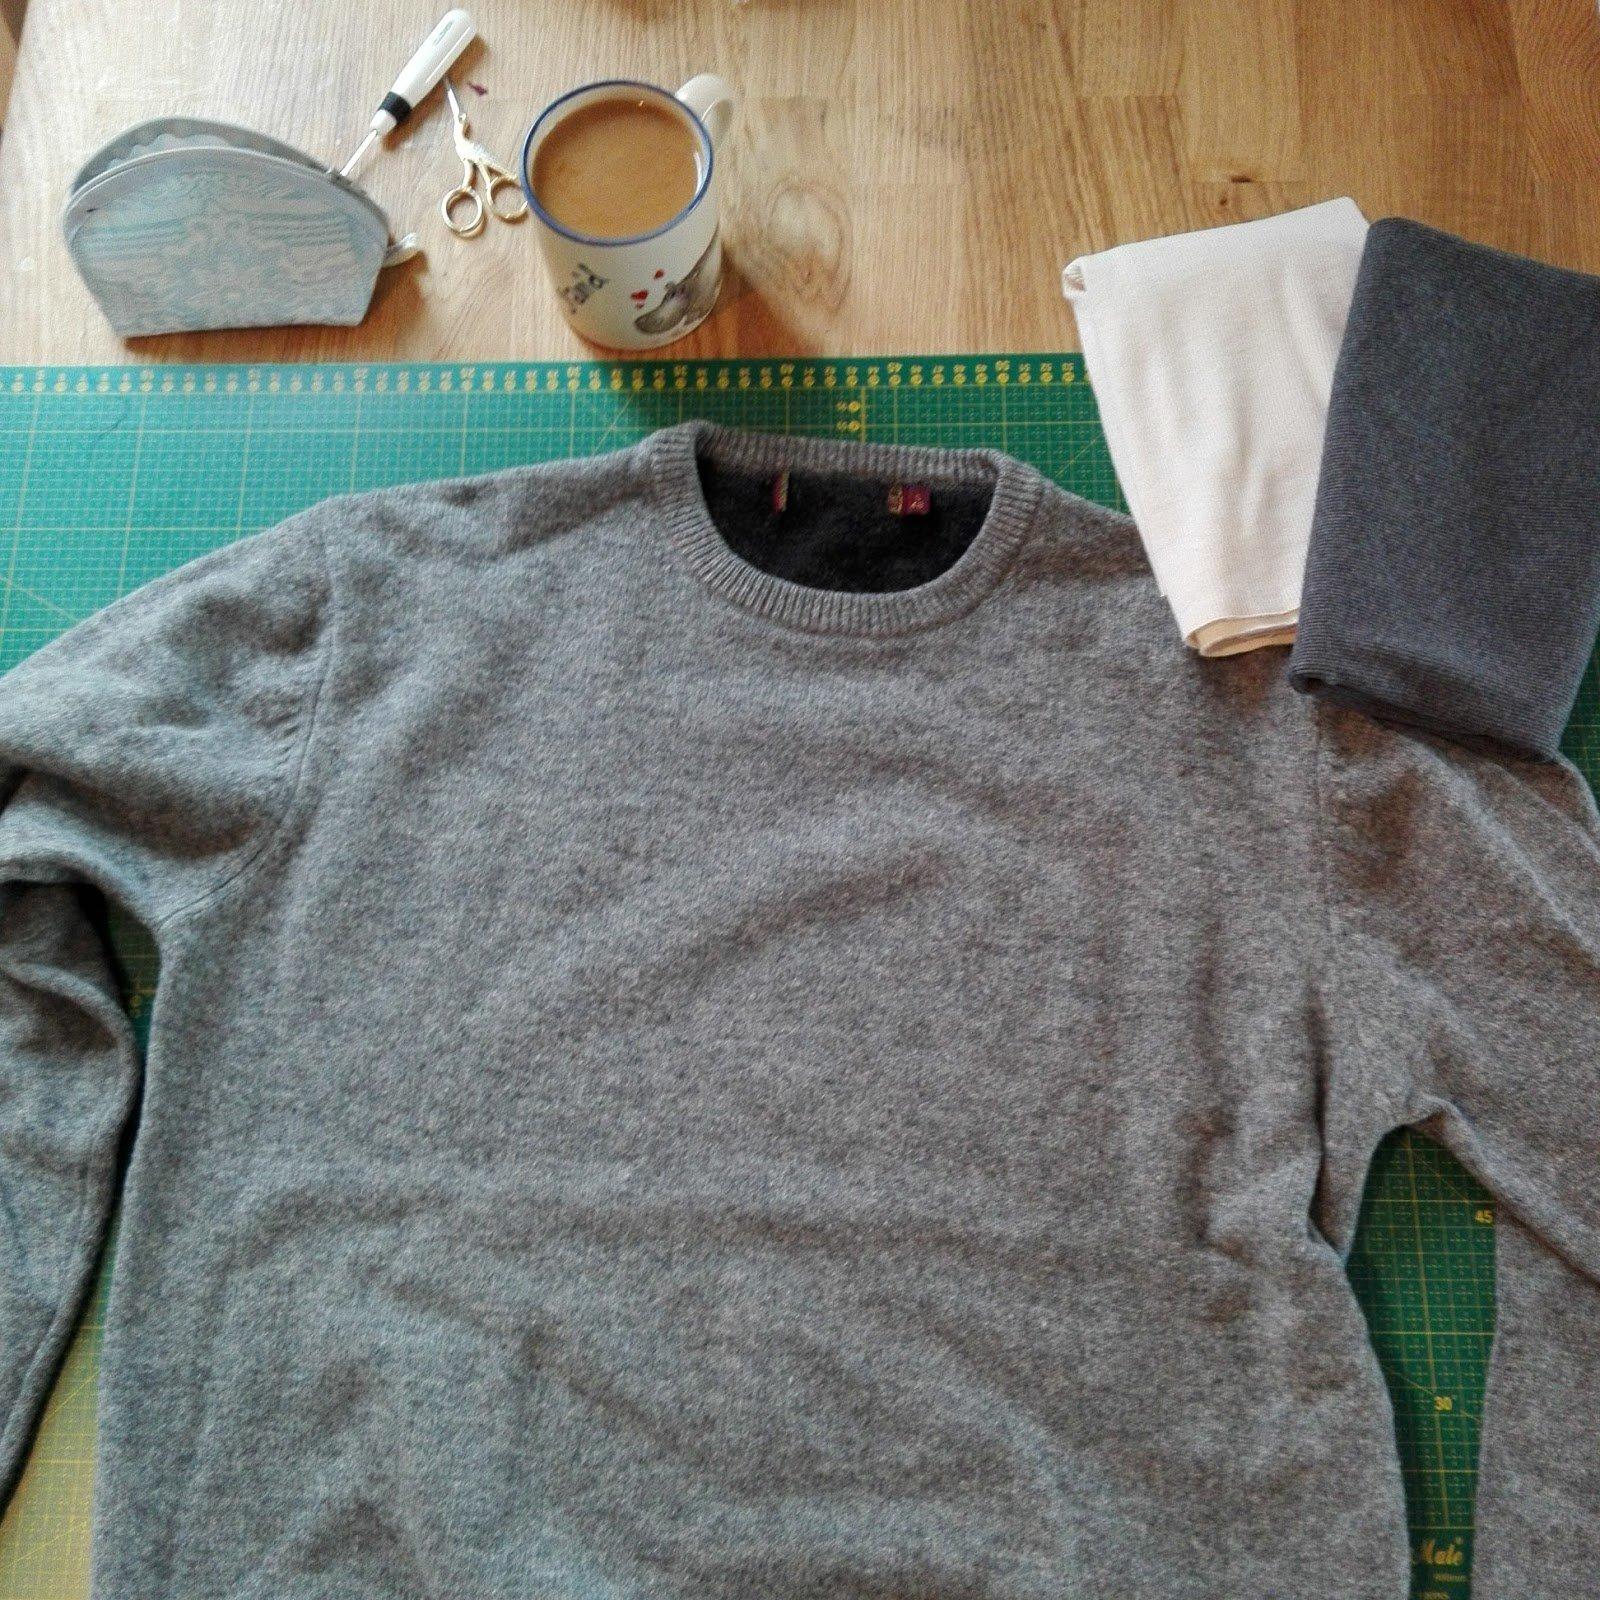 alte Kleidung wiederverwerten